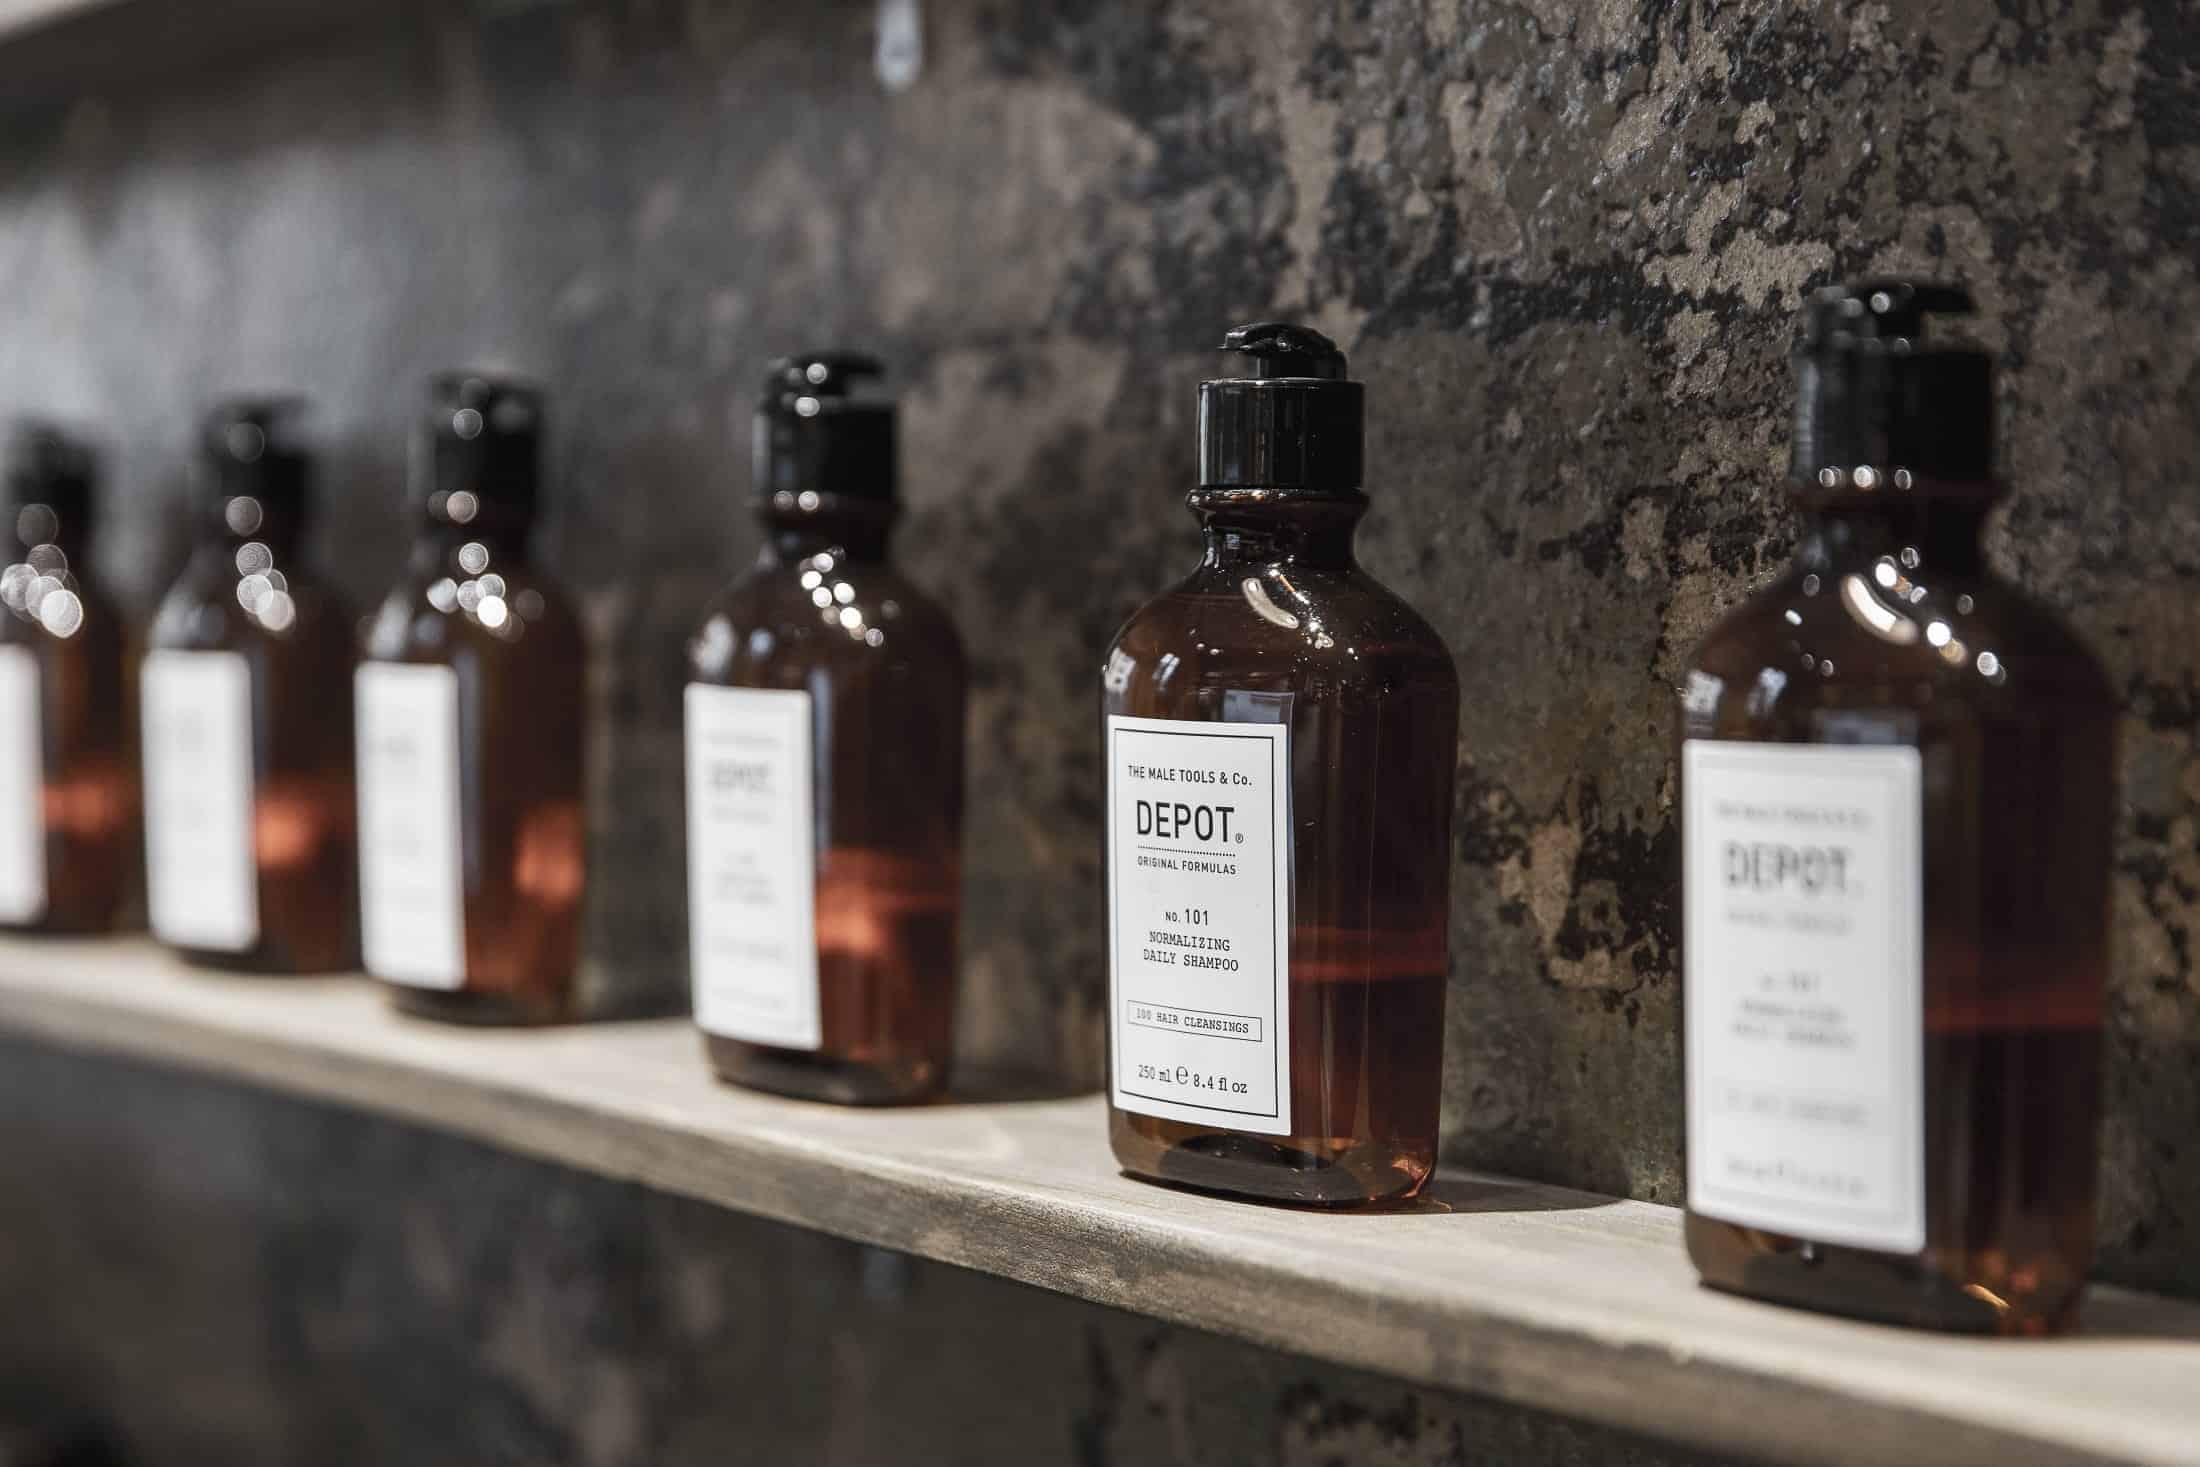 DEPOT normalizing daily shampoo